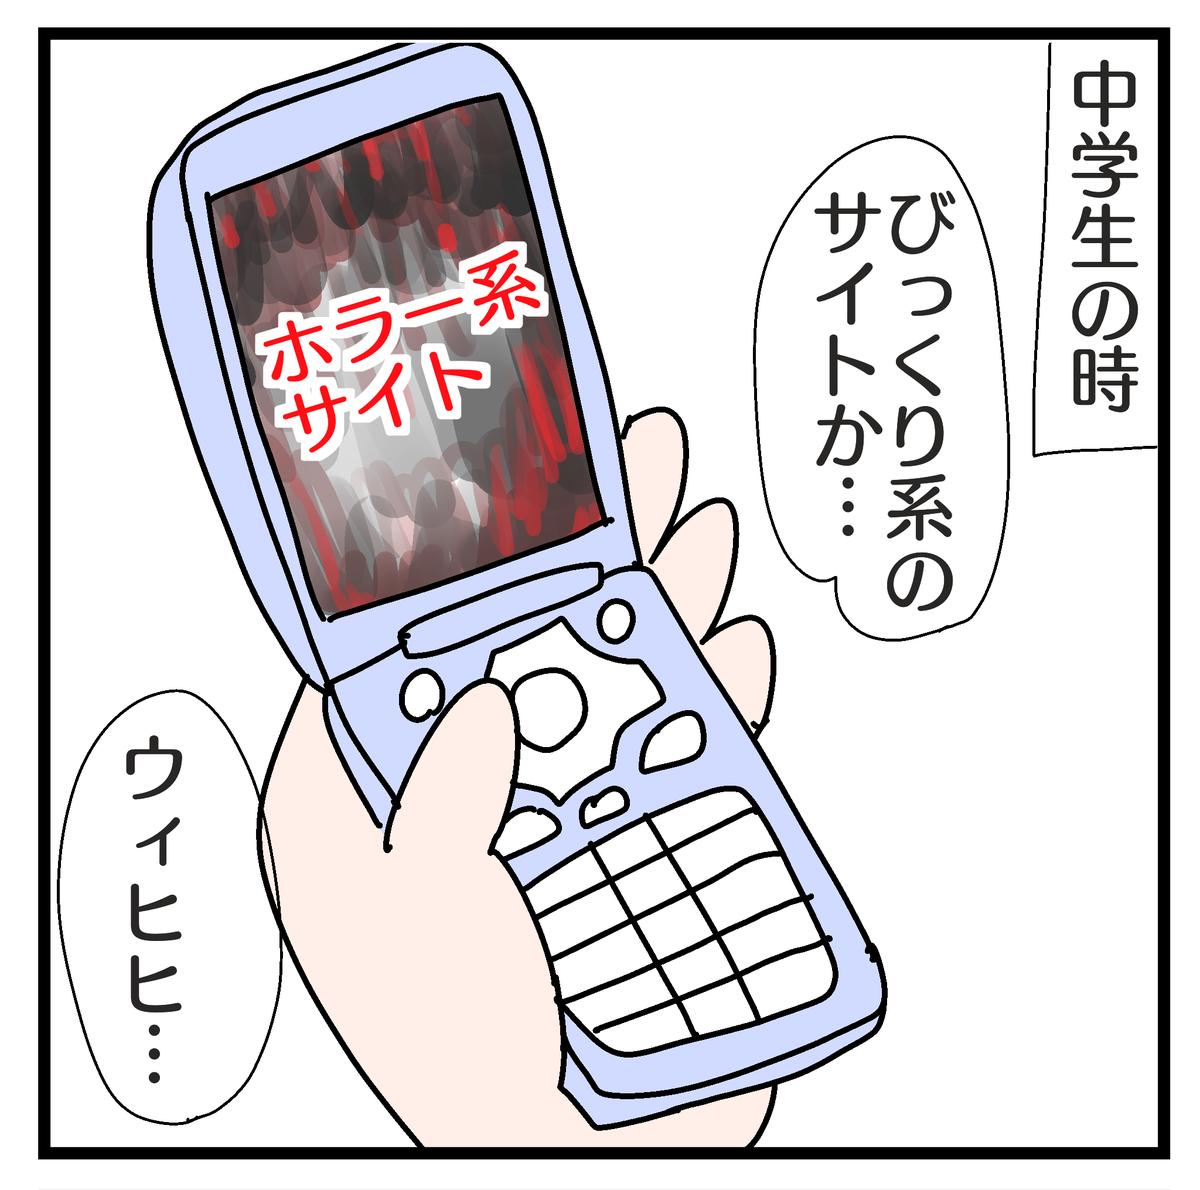 f:id:YuruFuwaTa:20200722154224p:plain